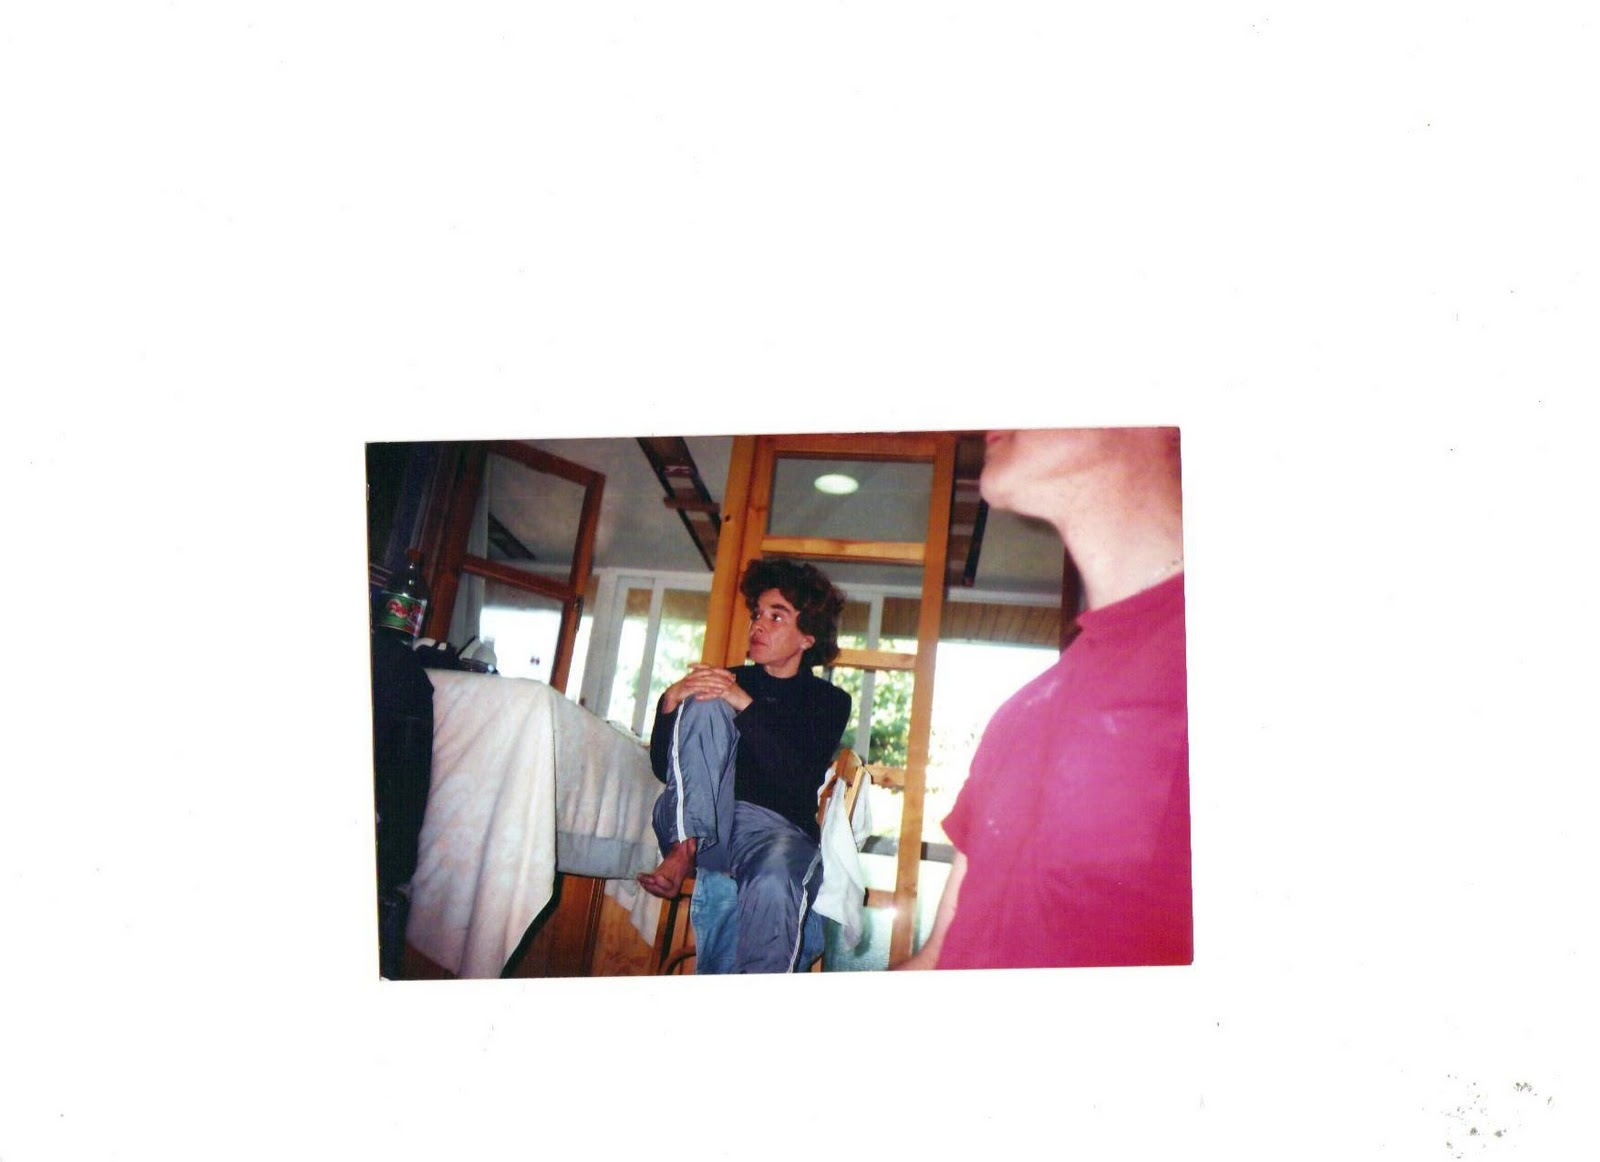 Mujer y salud mental hd 1080p 4k foto - Muebles moreno talavera ...